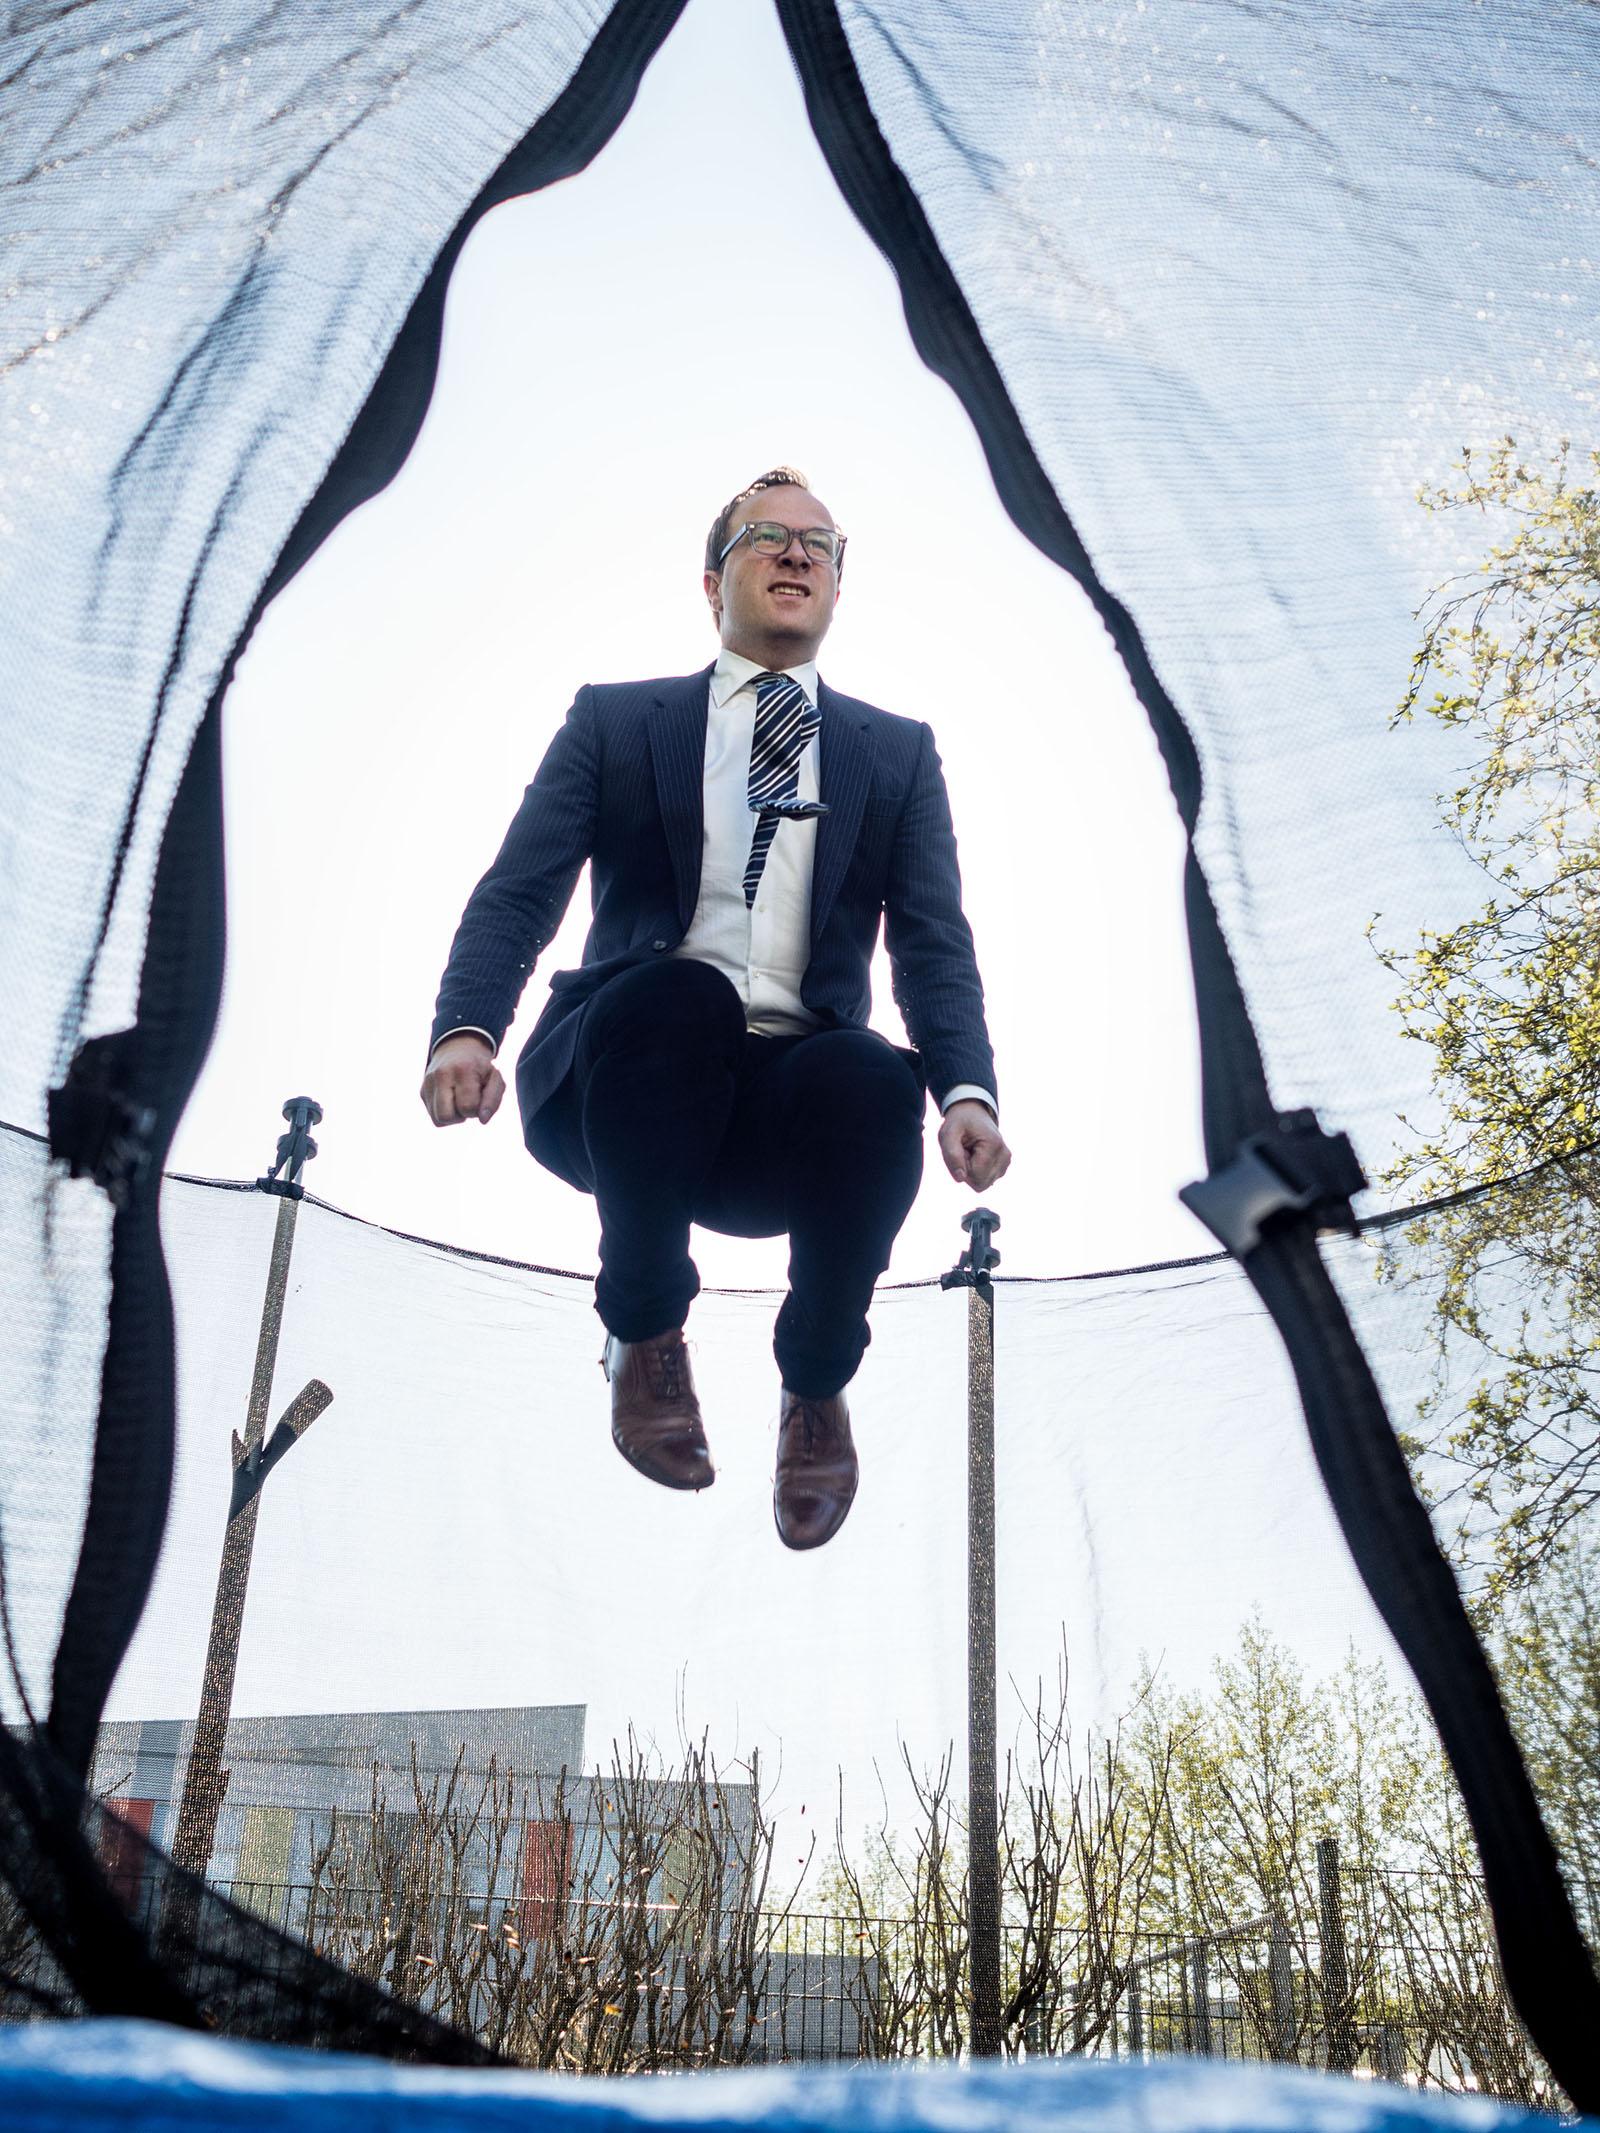 Andri Snær Magnússon